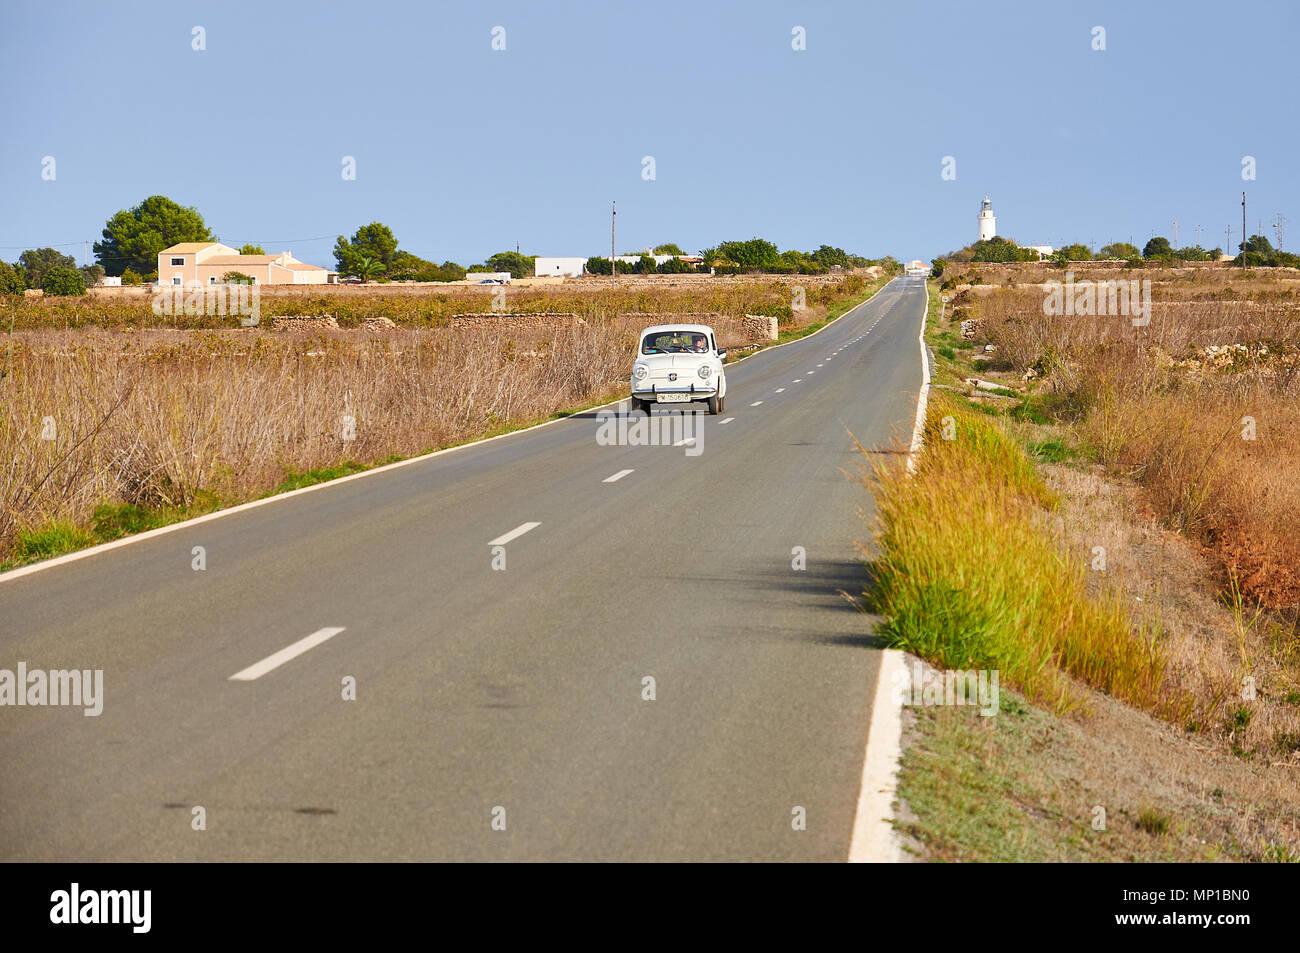 white-vintage-seat-600-e-car-driving-alo